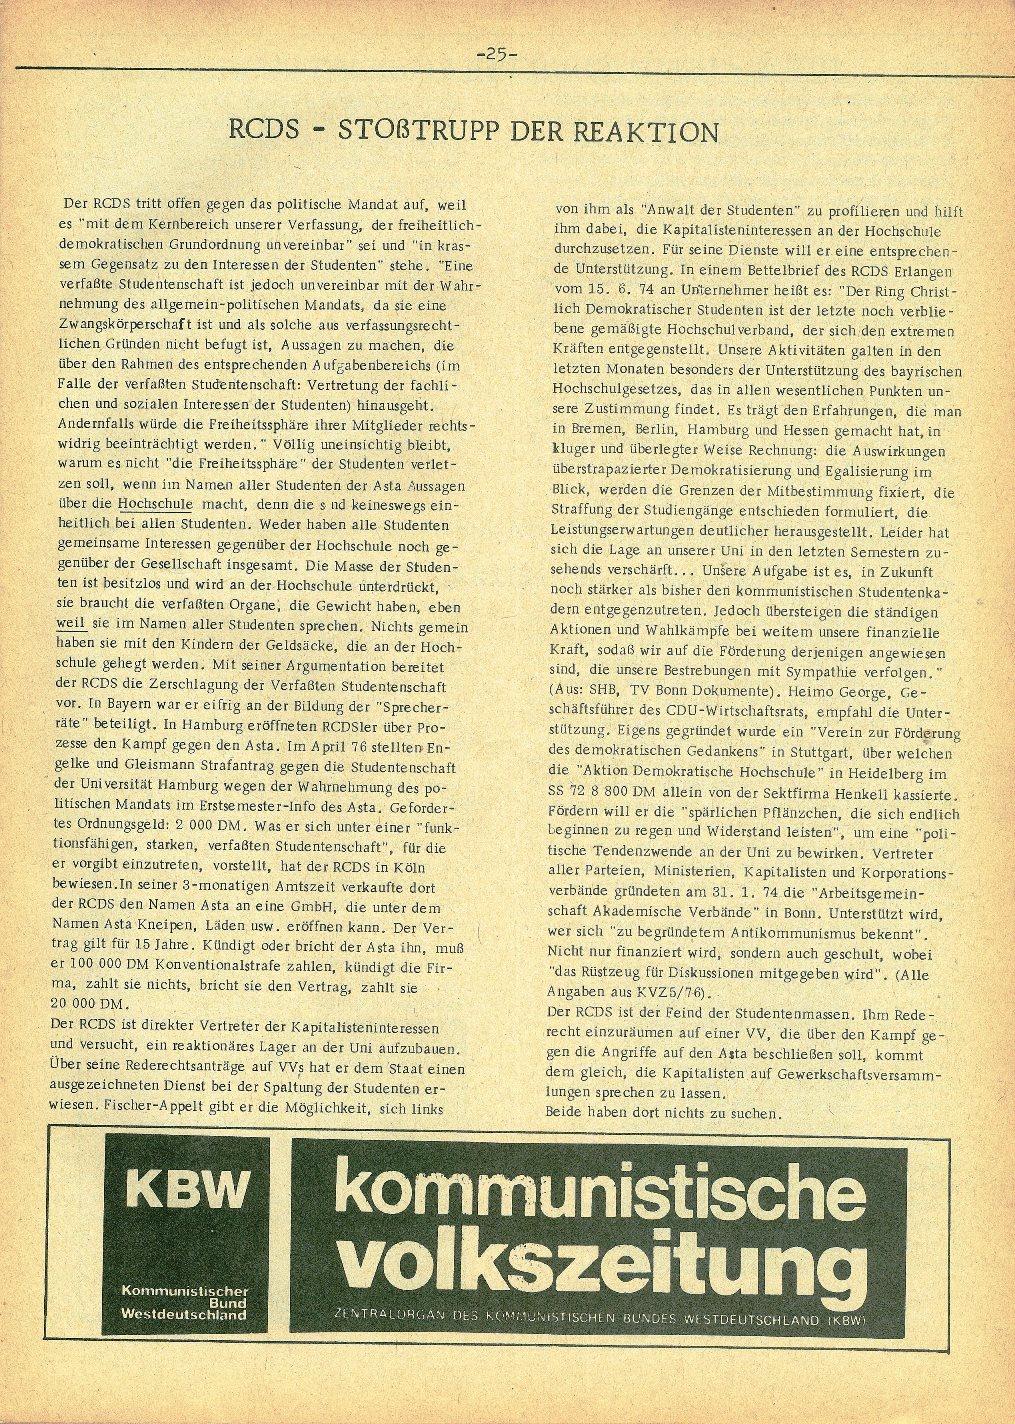 Hamburg_SSG_Regierungsprogramm025